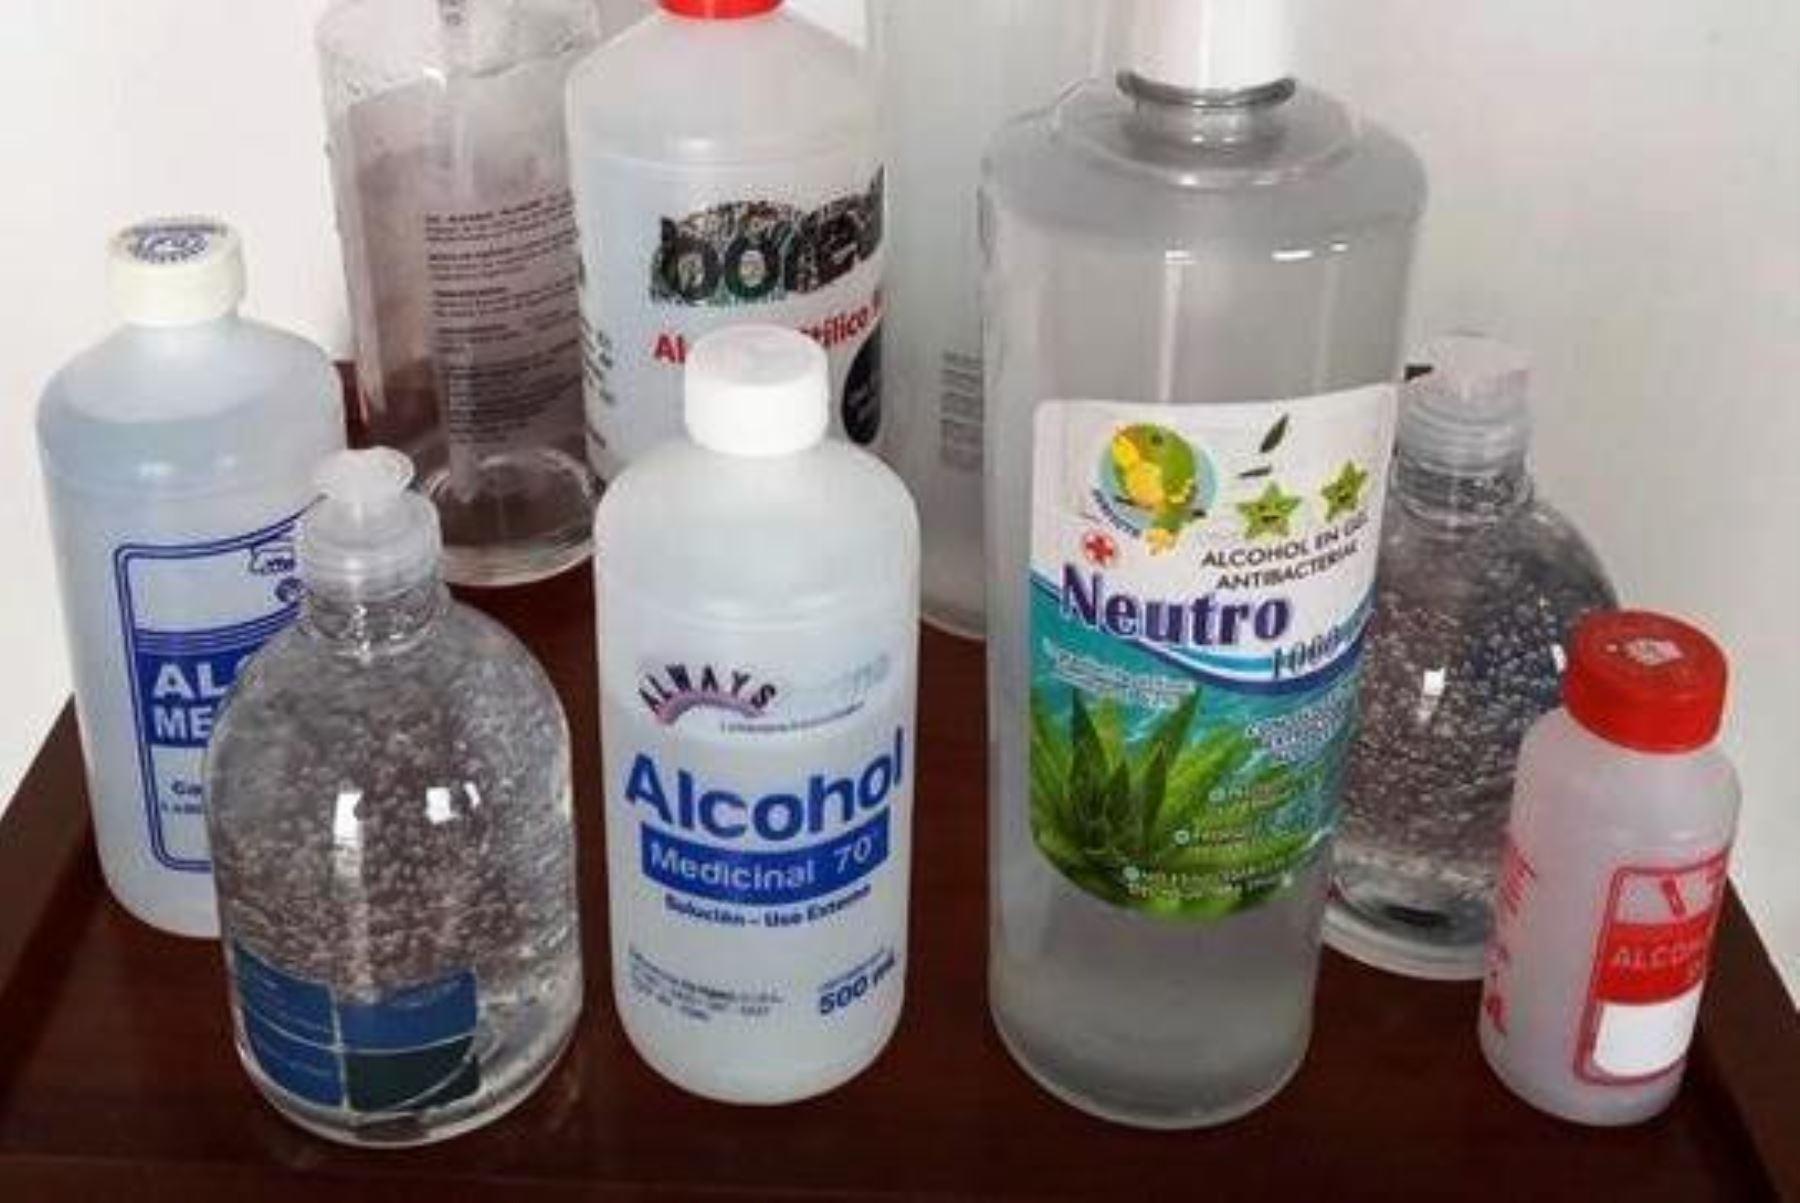 Minsa recomienda usar alcohol en gel solo en lugares donde no haya agua y jabón. Foto: ANDINA/difusión.